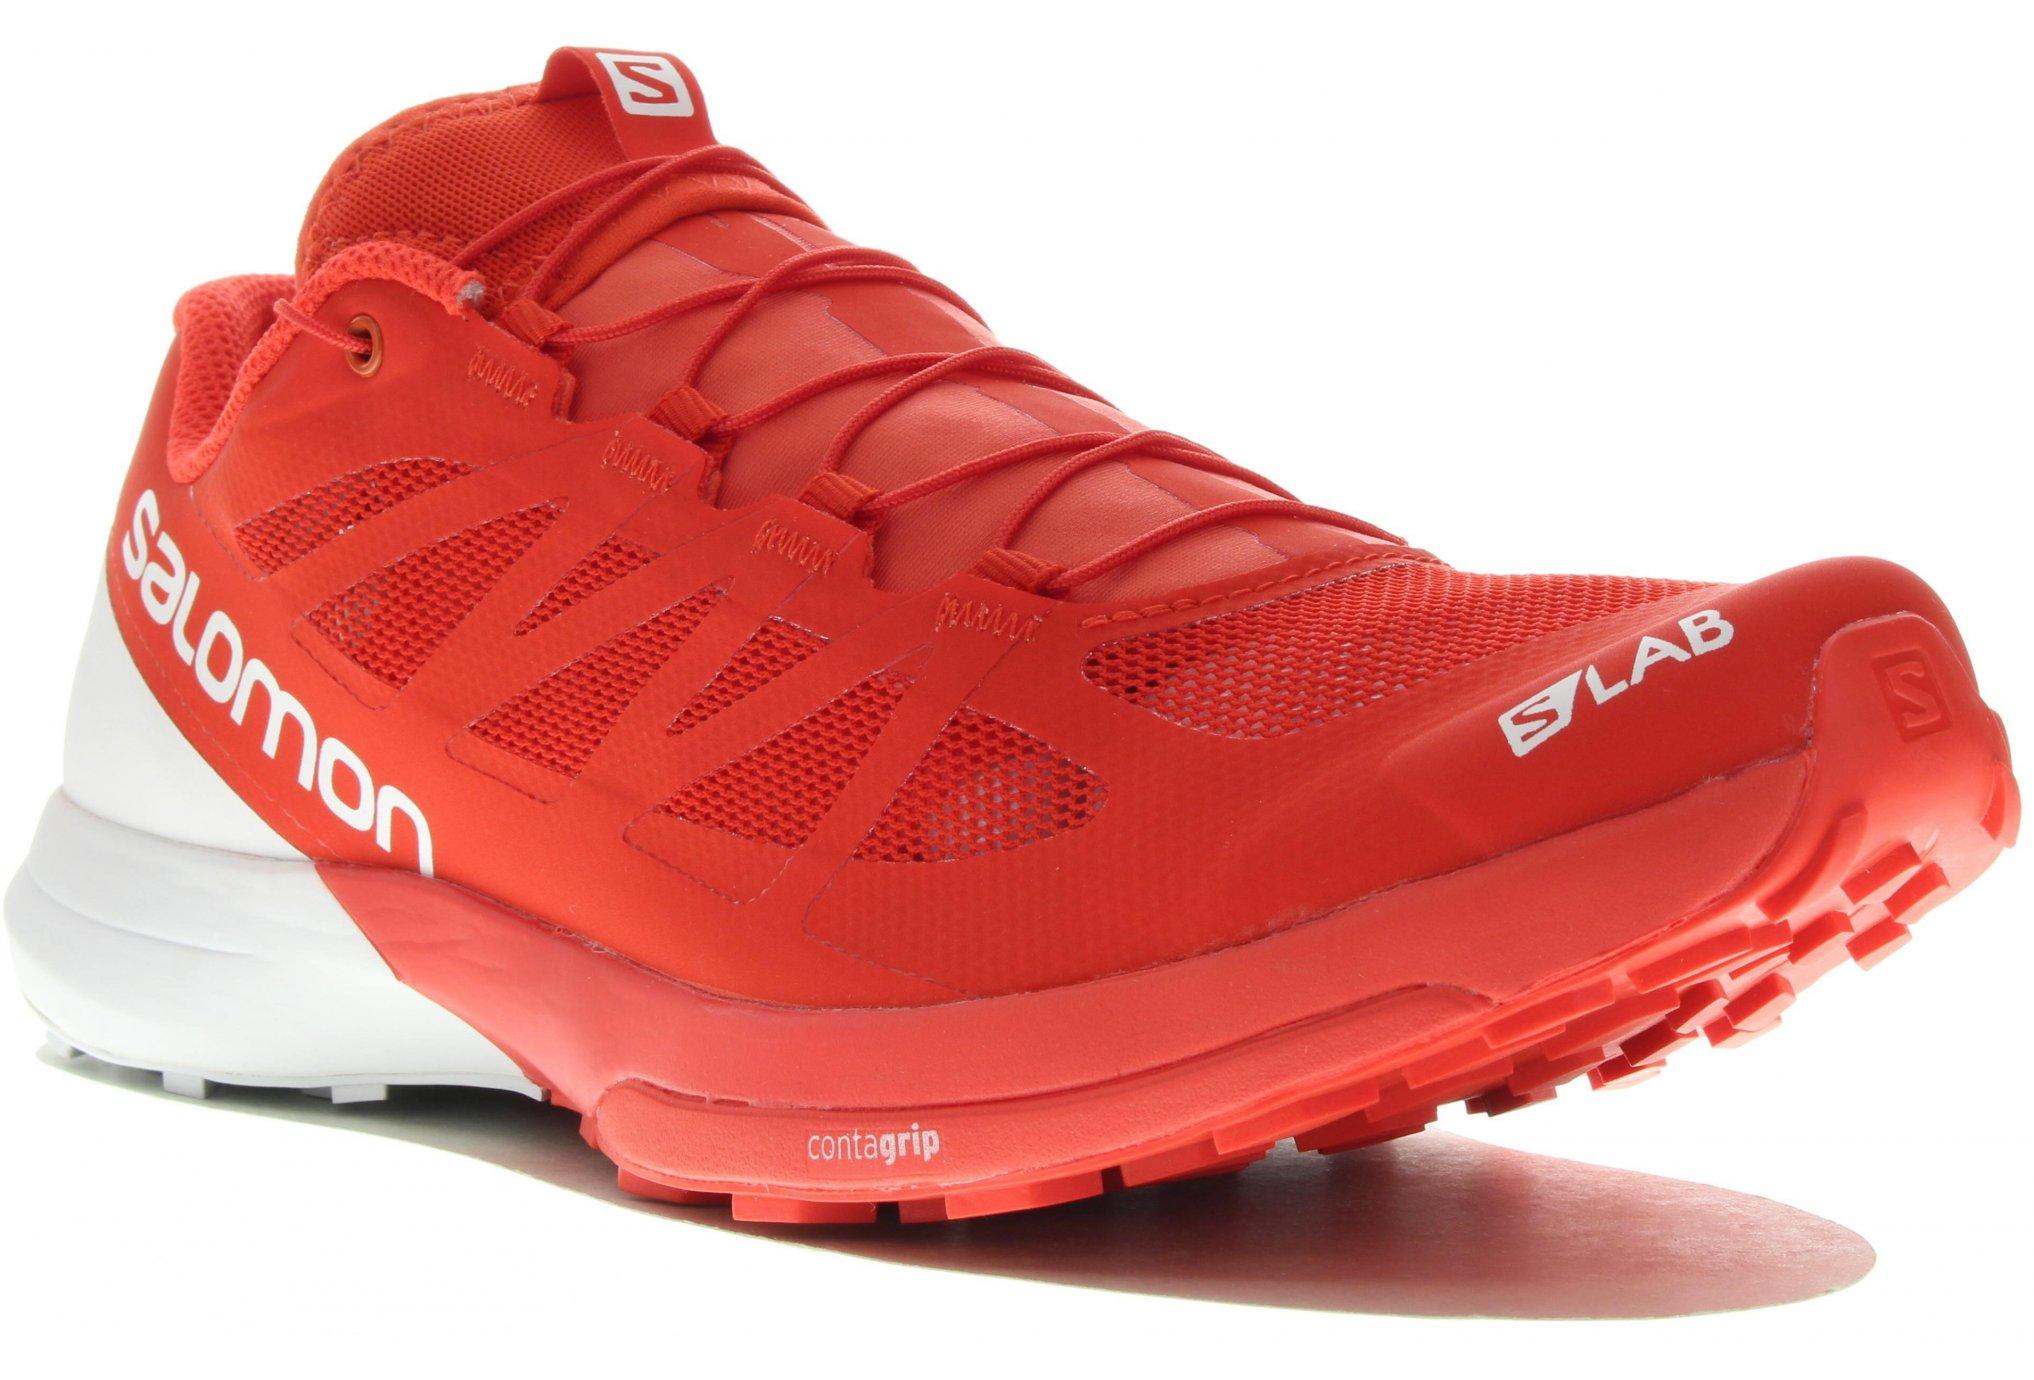 U 2018 Chaussures Les 10 En Trail Meilleures De Top qBgpTx